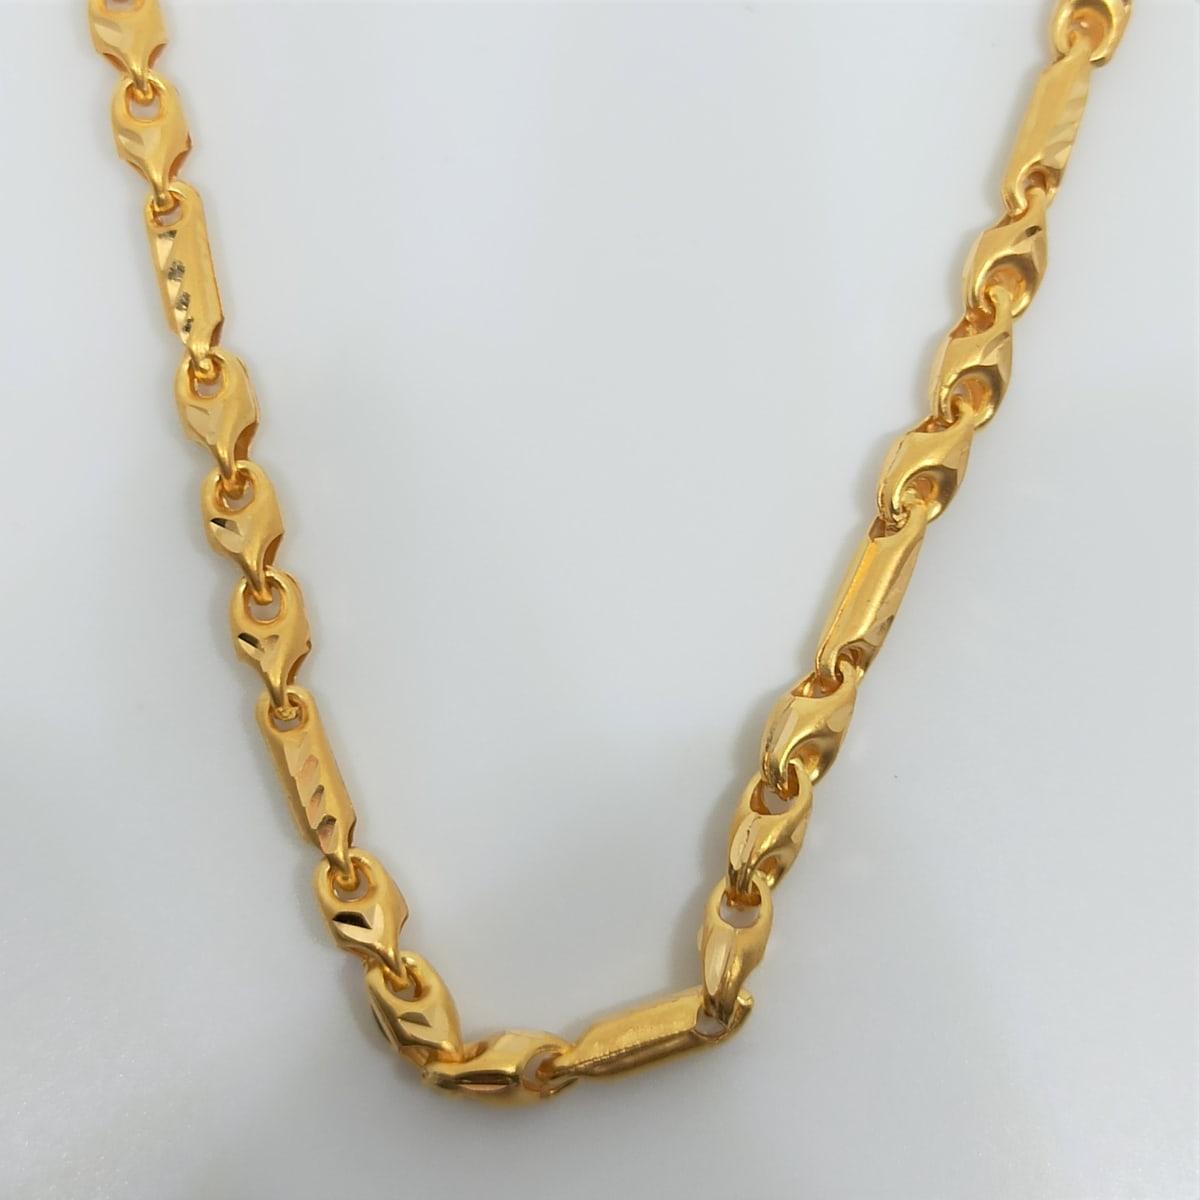 Bahubali Chain 8